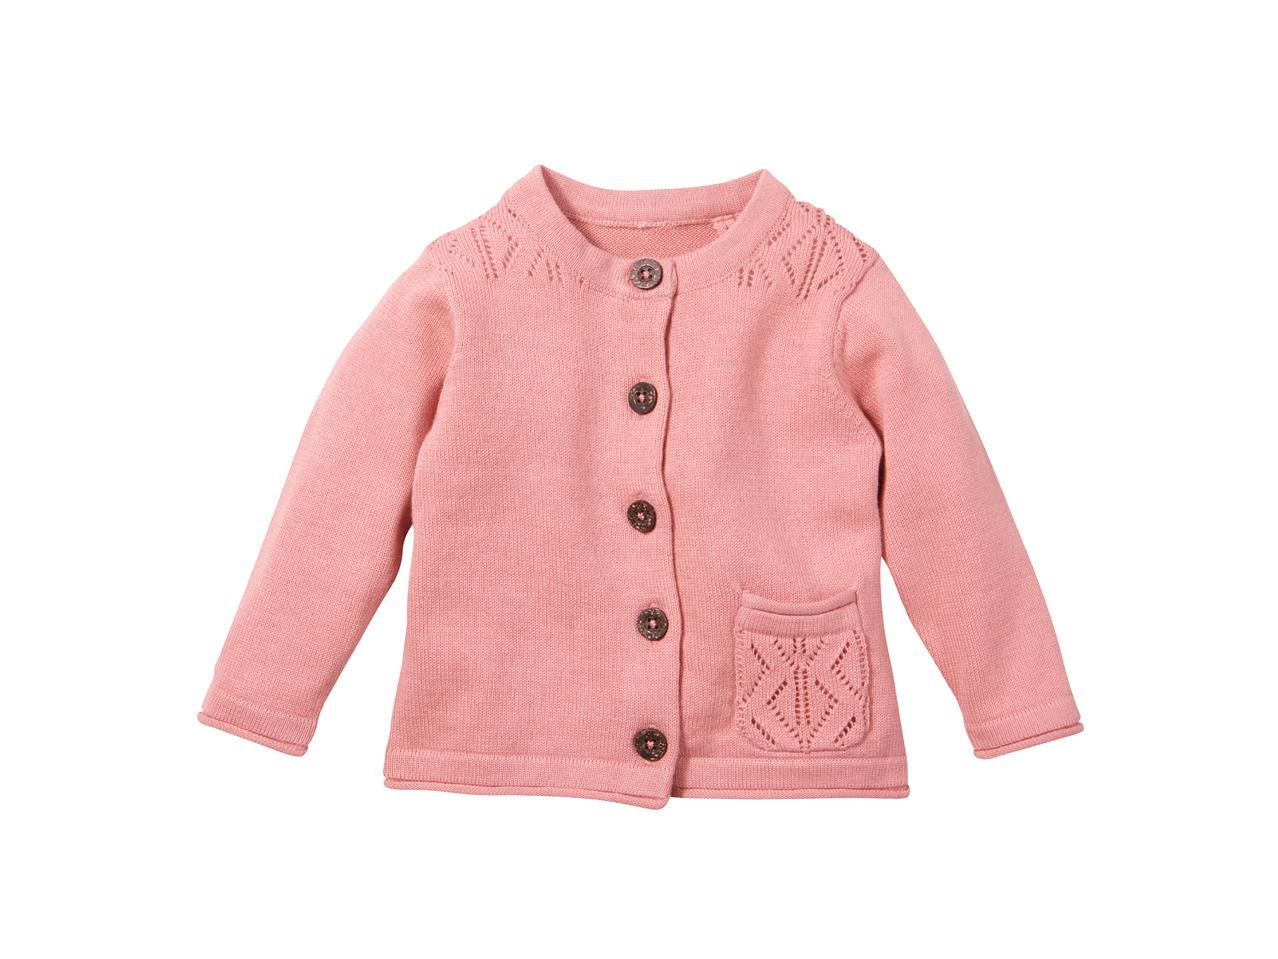 Dívčí pletený svetřík Lupilu